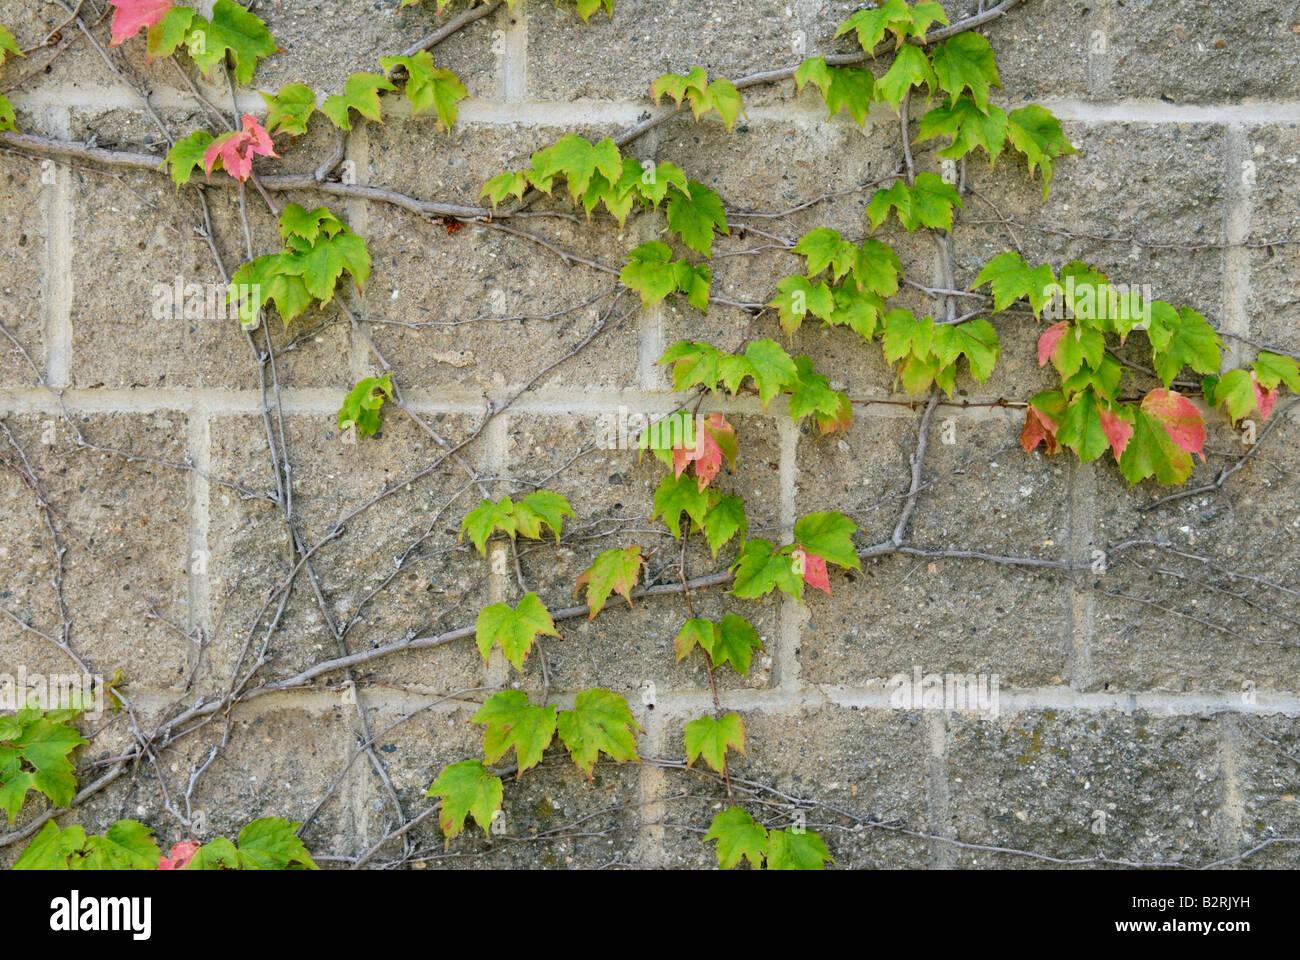 Japanese creeper Parthenocissus tricuspidata - Stock Image